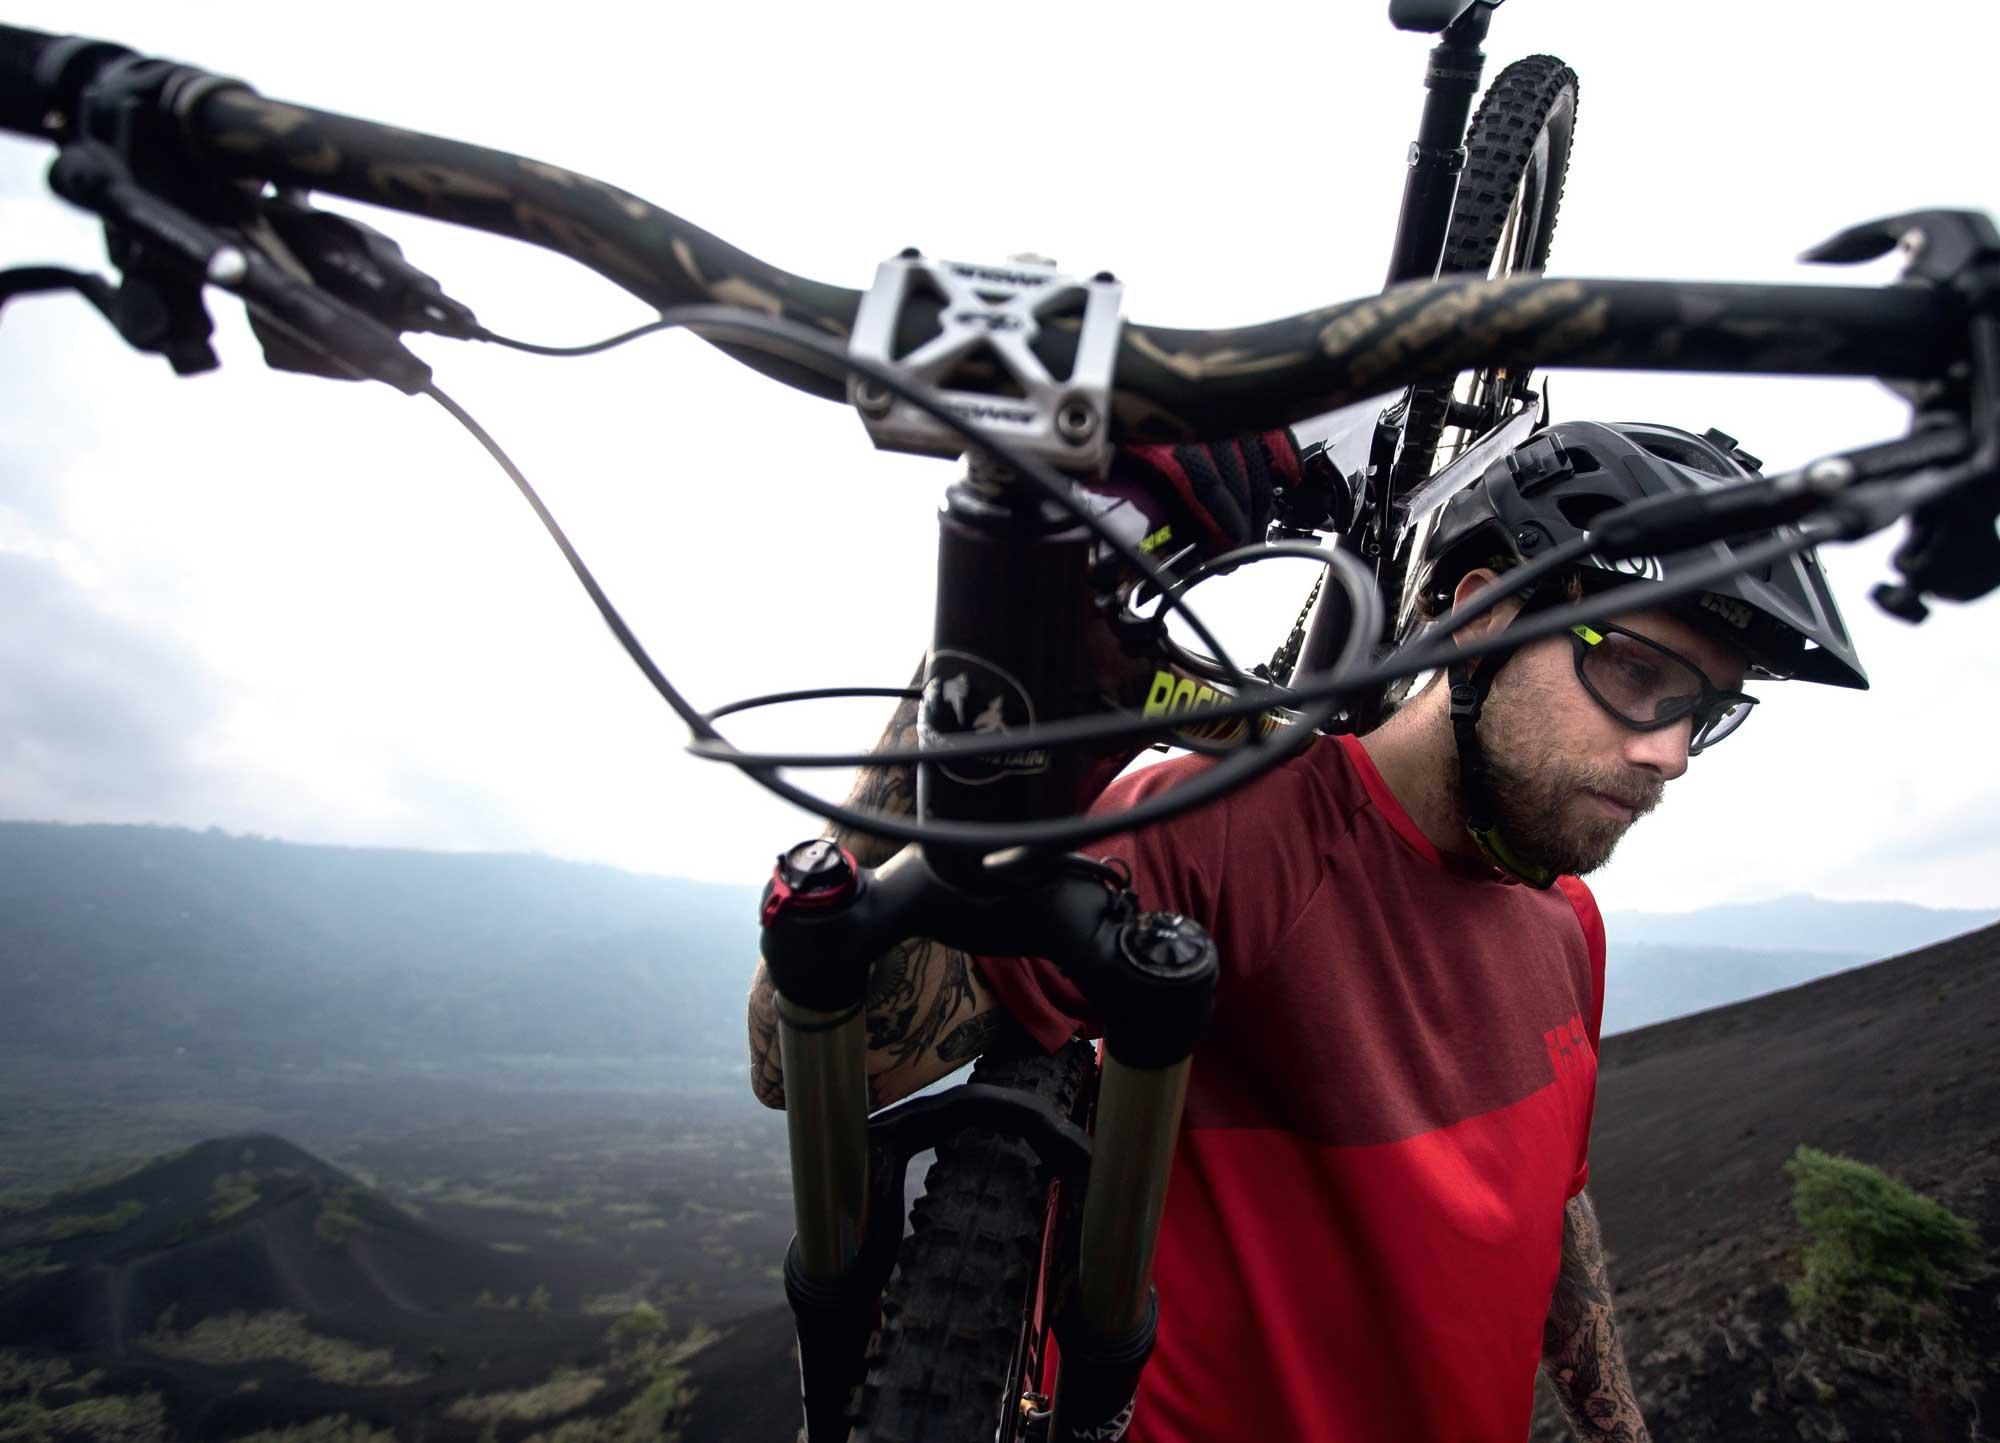 Manches Abenteuer erfordert schon mal, das Bike zu tragen. Über Stunden. Auf Bali ist das nicht anders.